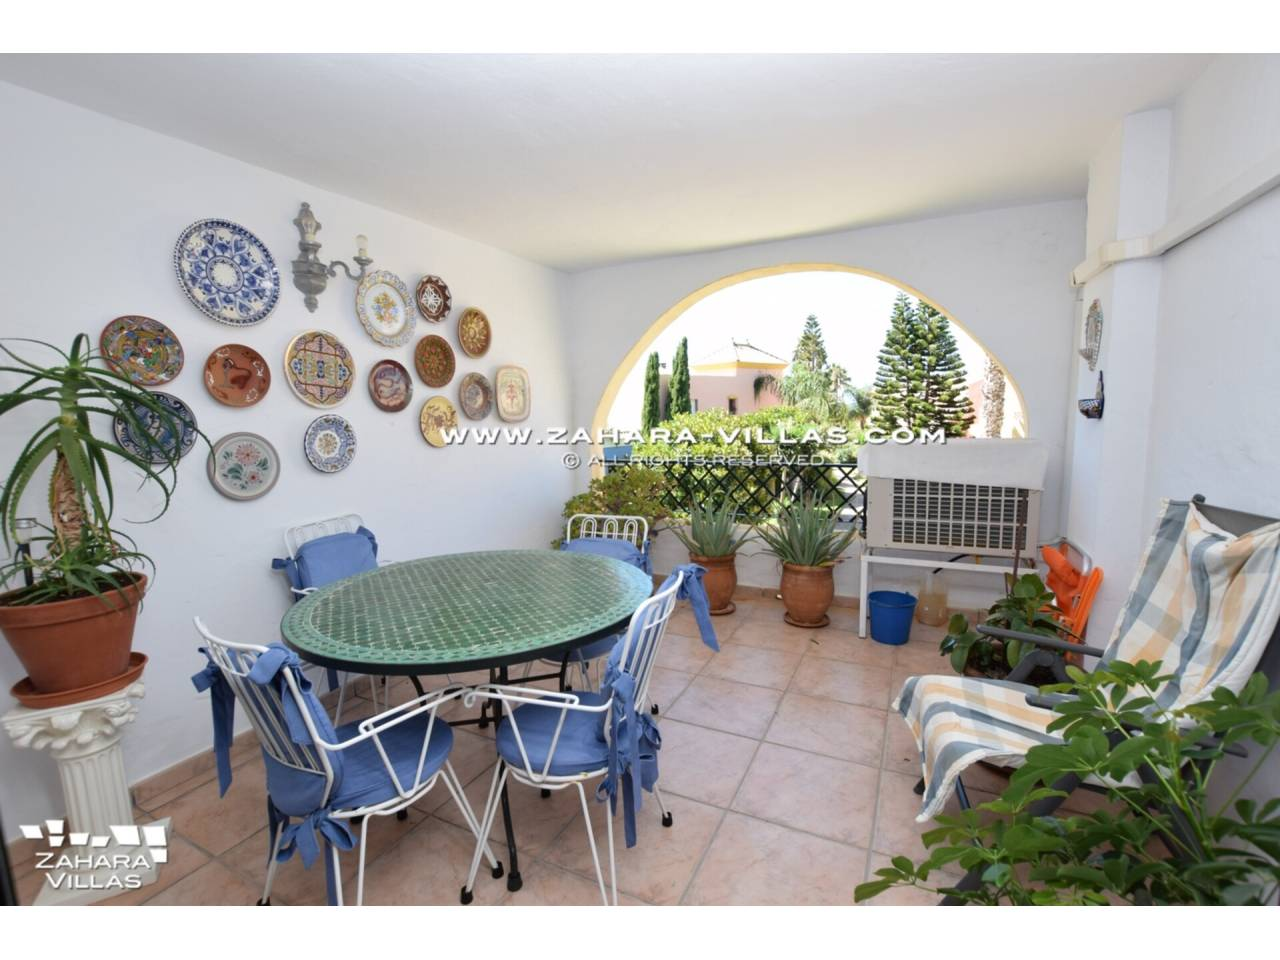 Imagen 1 de Apartamento en venta en urbanización Jardines de Zahara - Atlanterra